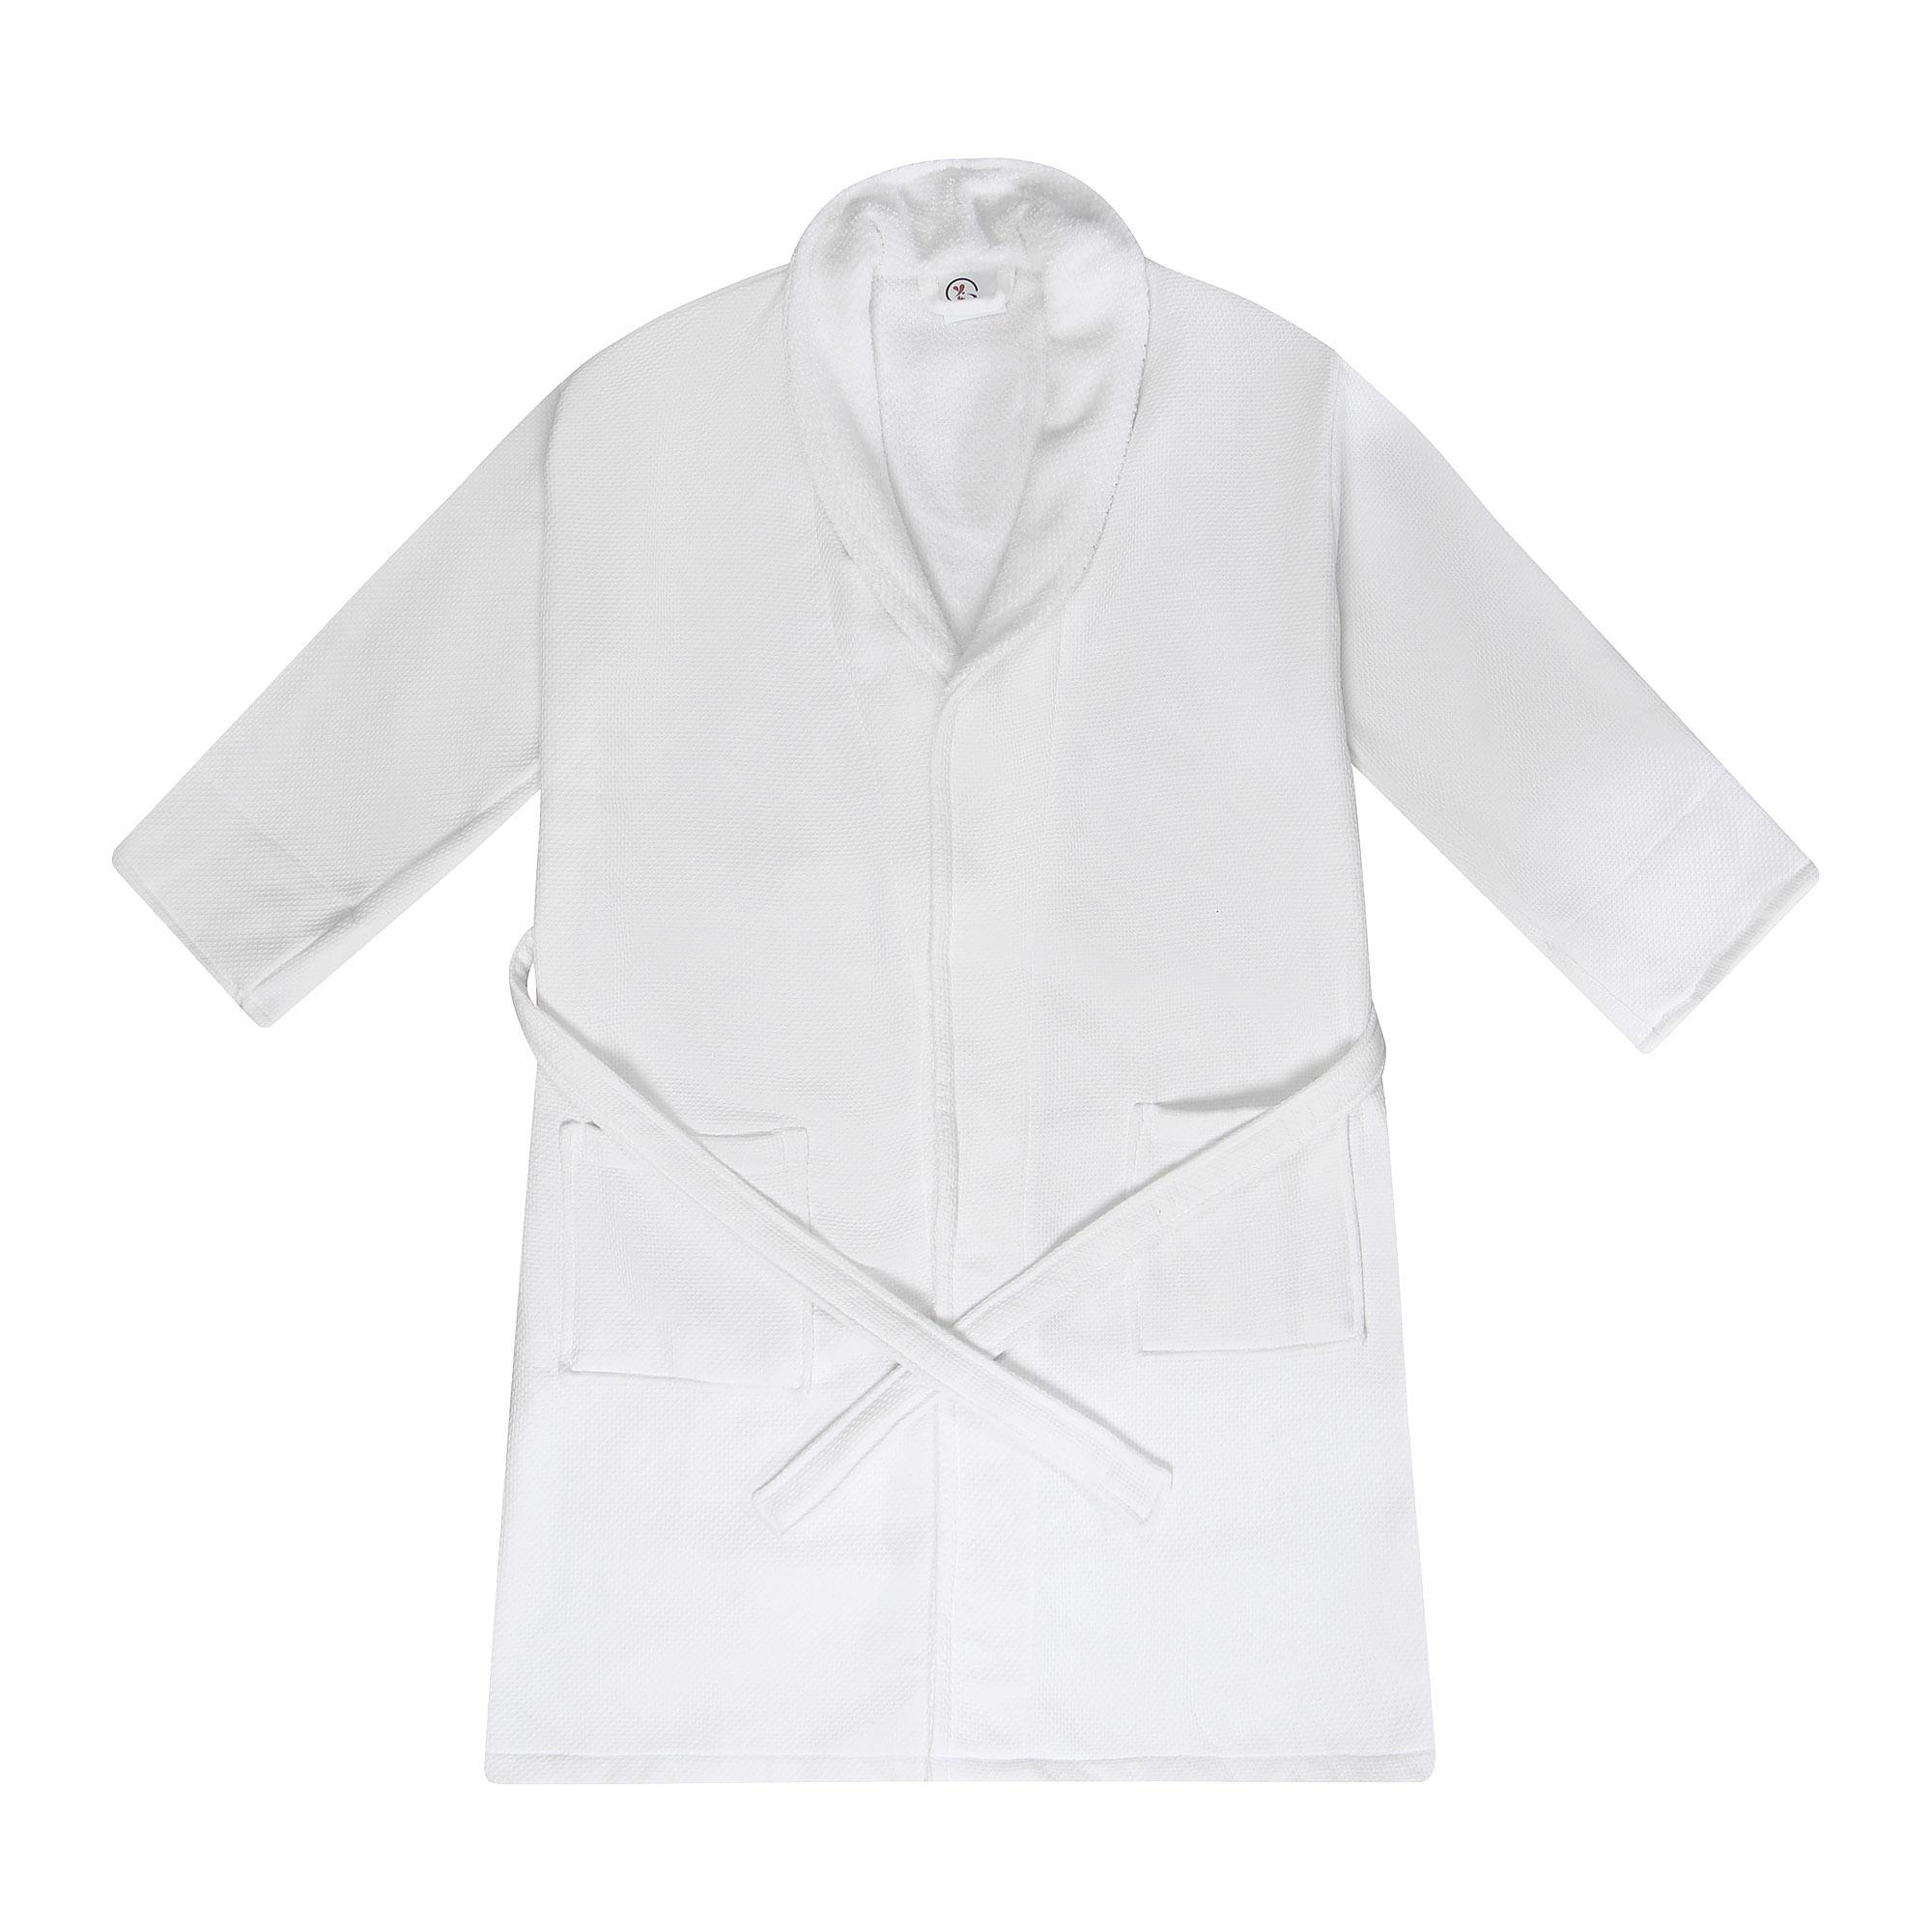 Халат двухсторонний Asil 3xl white